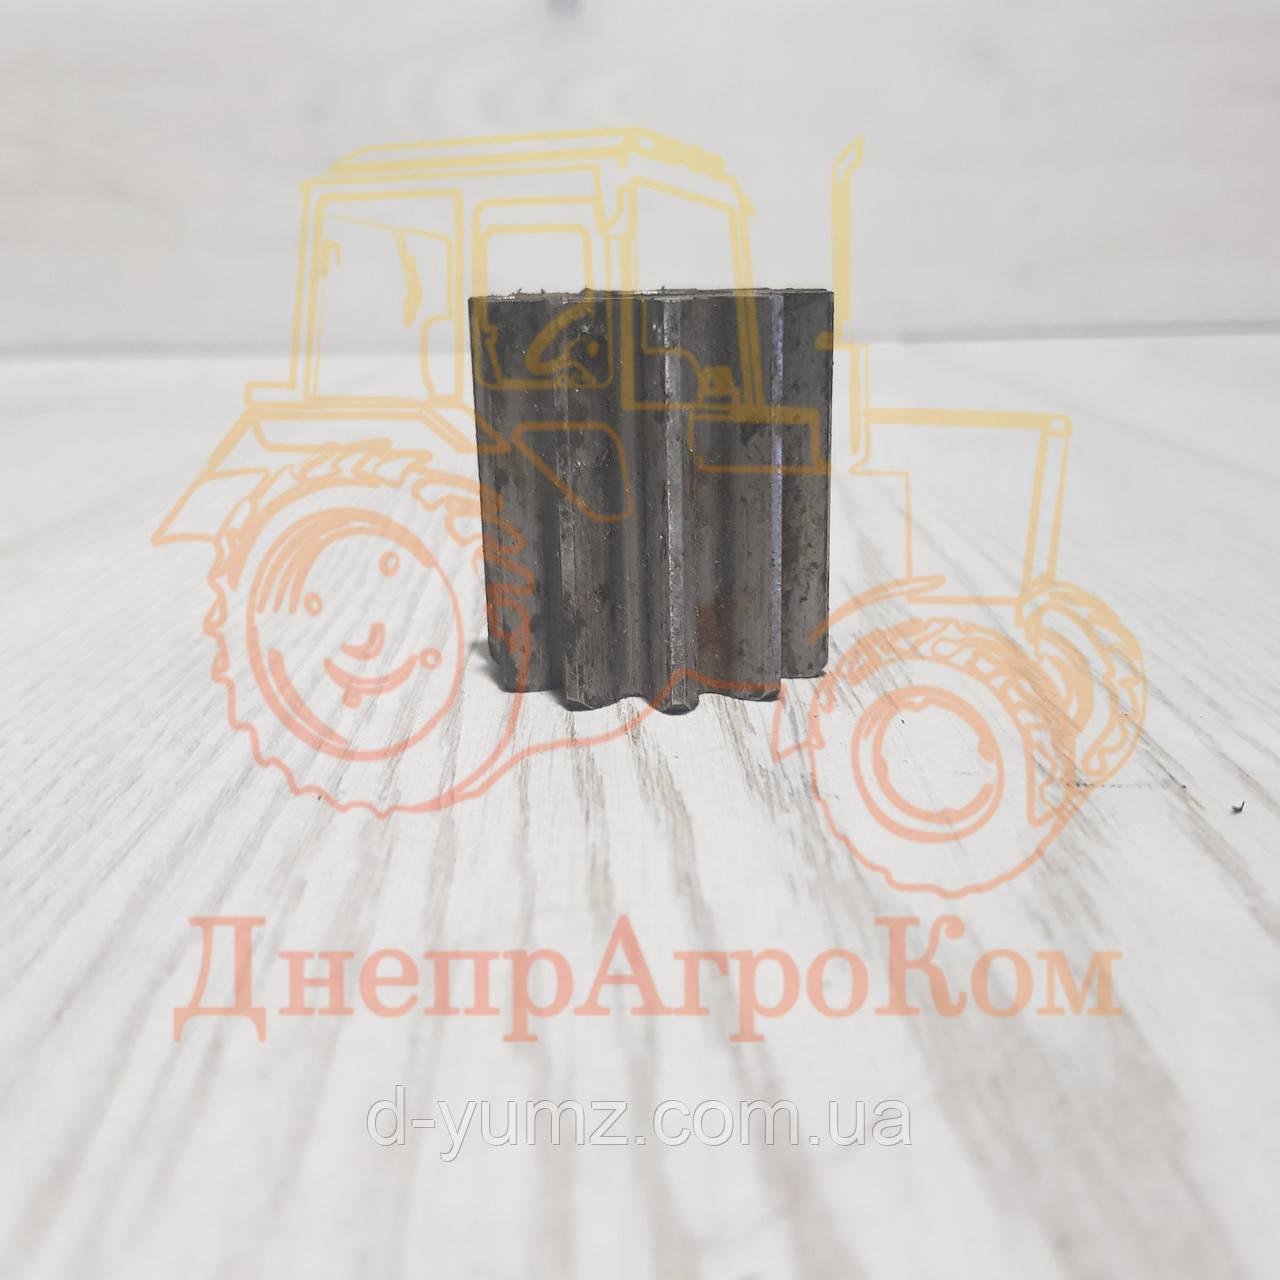 Колесо зубчатое масляного насоса со втулкой ЮМЗ